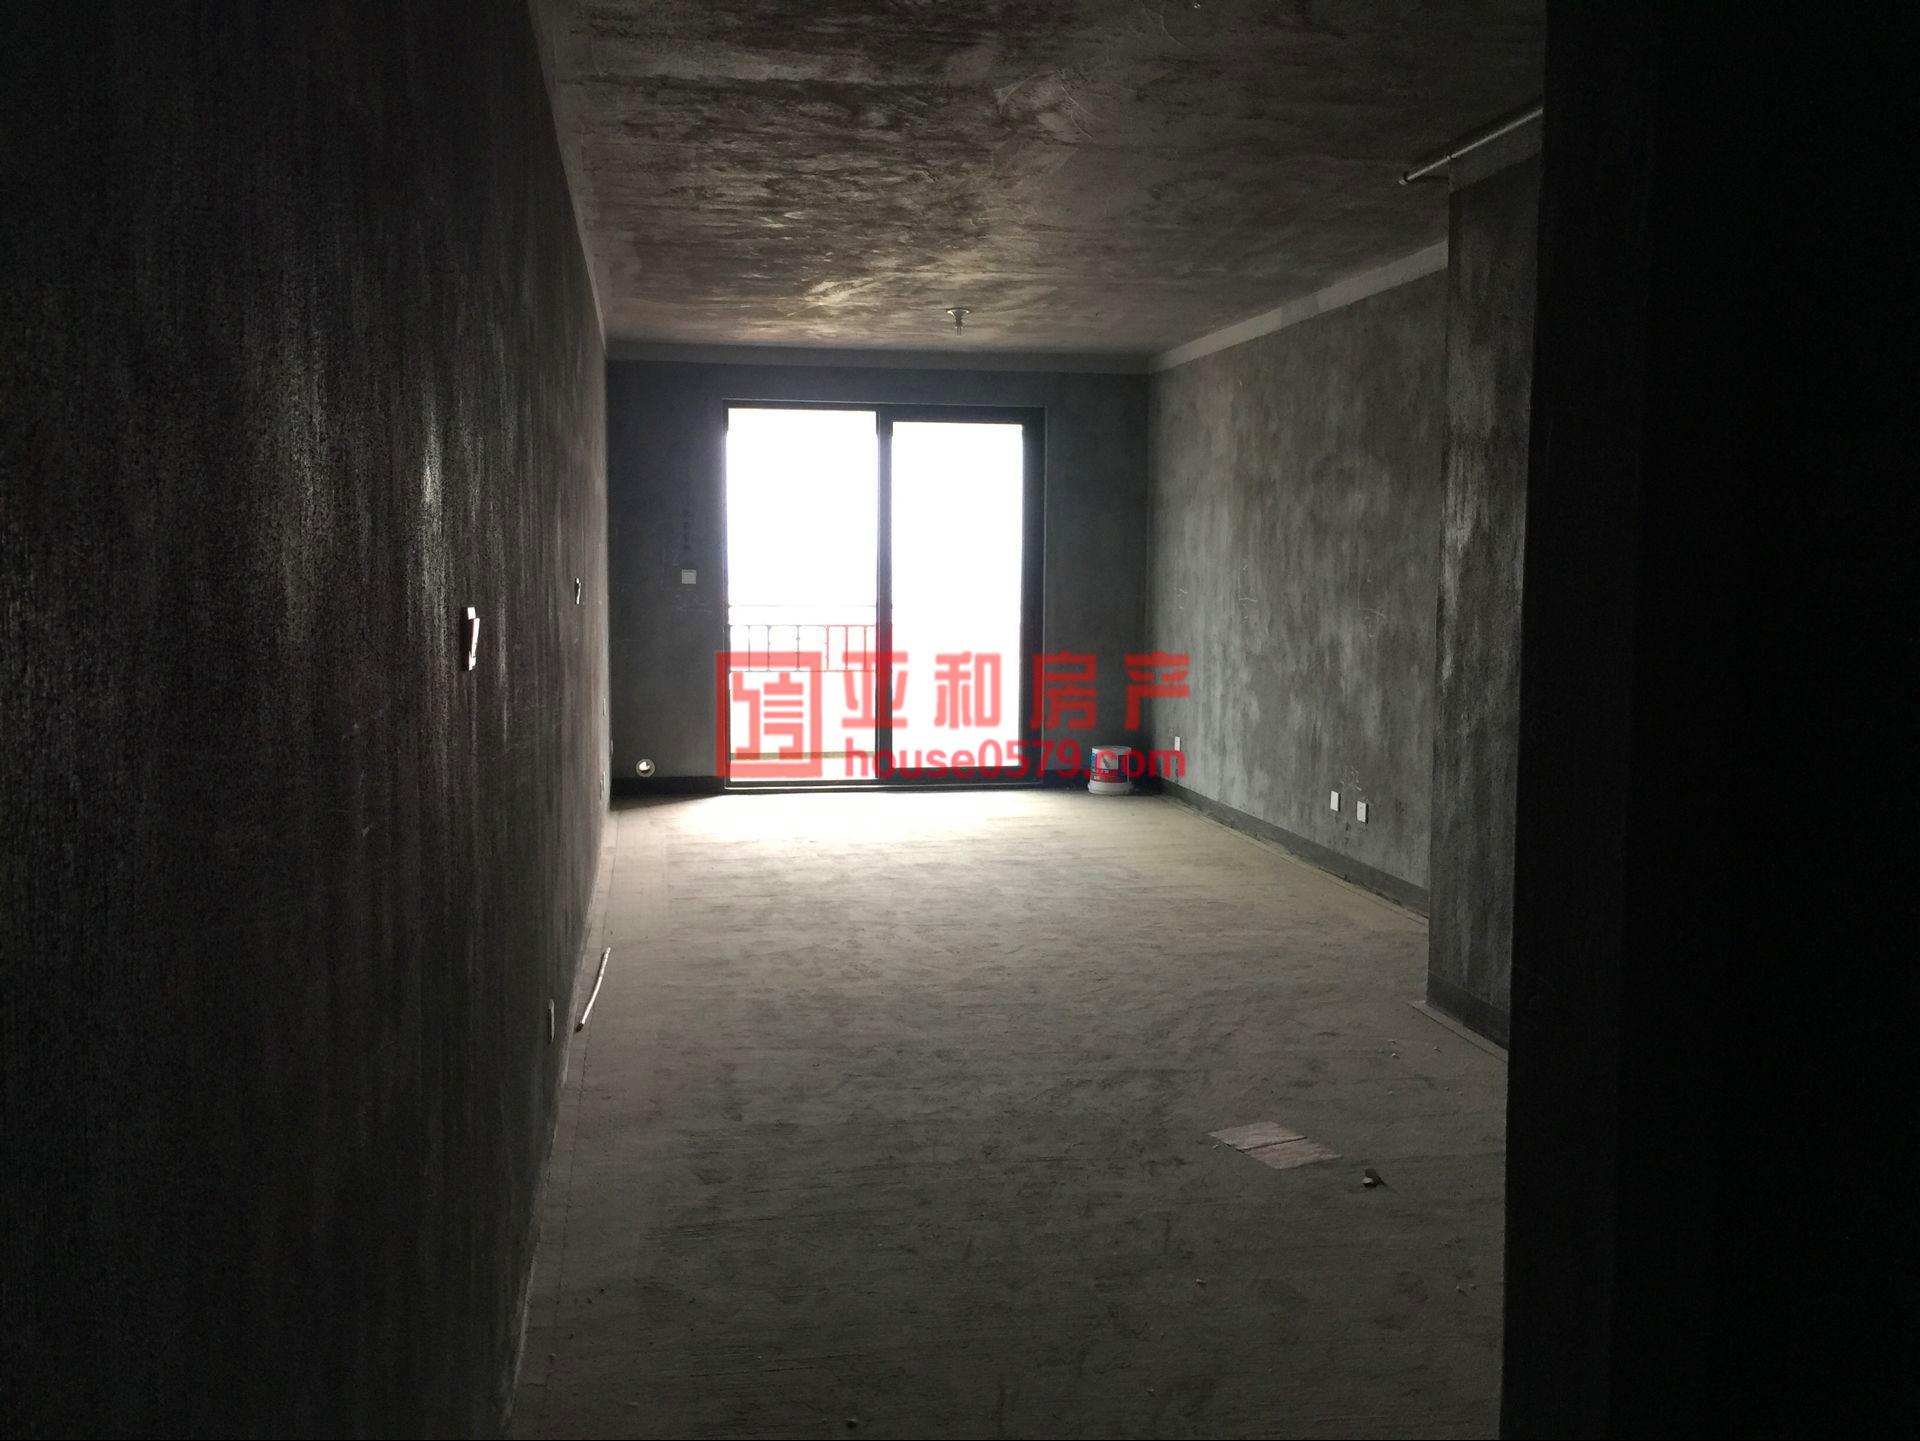 【亚和200%真房源】万达广场 纯江景房 繁华中心位置 急售